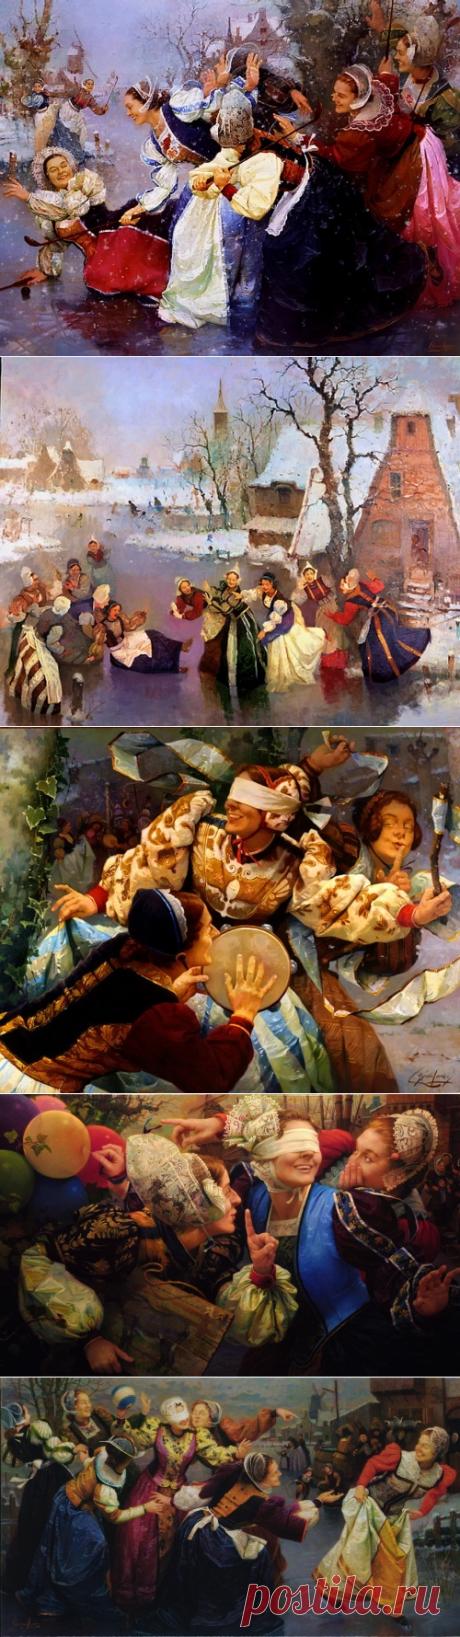 Народное гулянье Ignacio Larra (26 работ) » Картины, художники, фотографы на Nevsepic